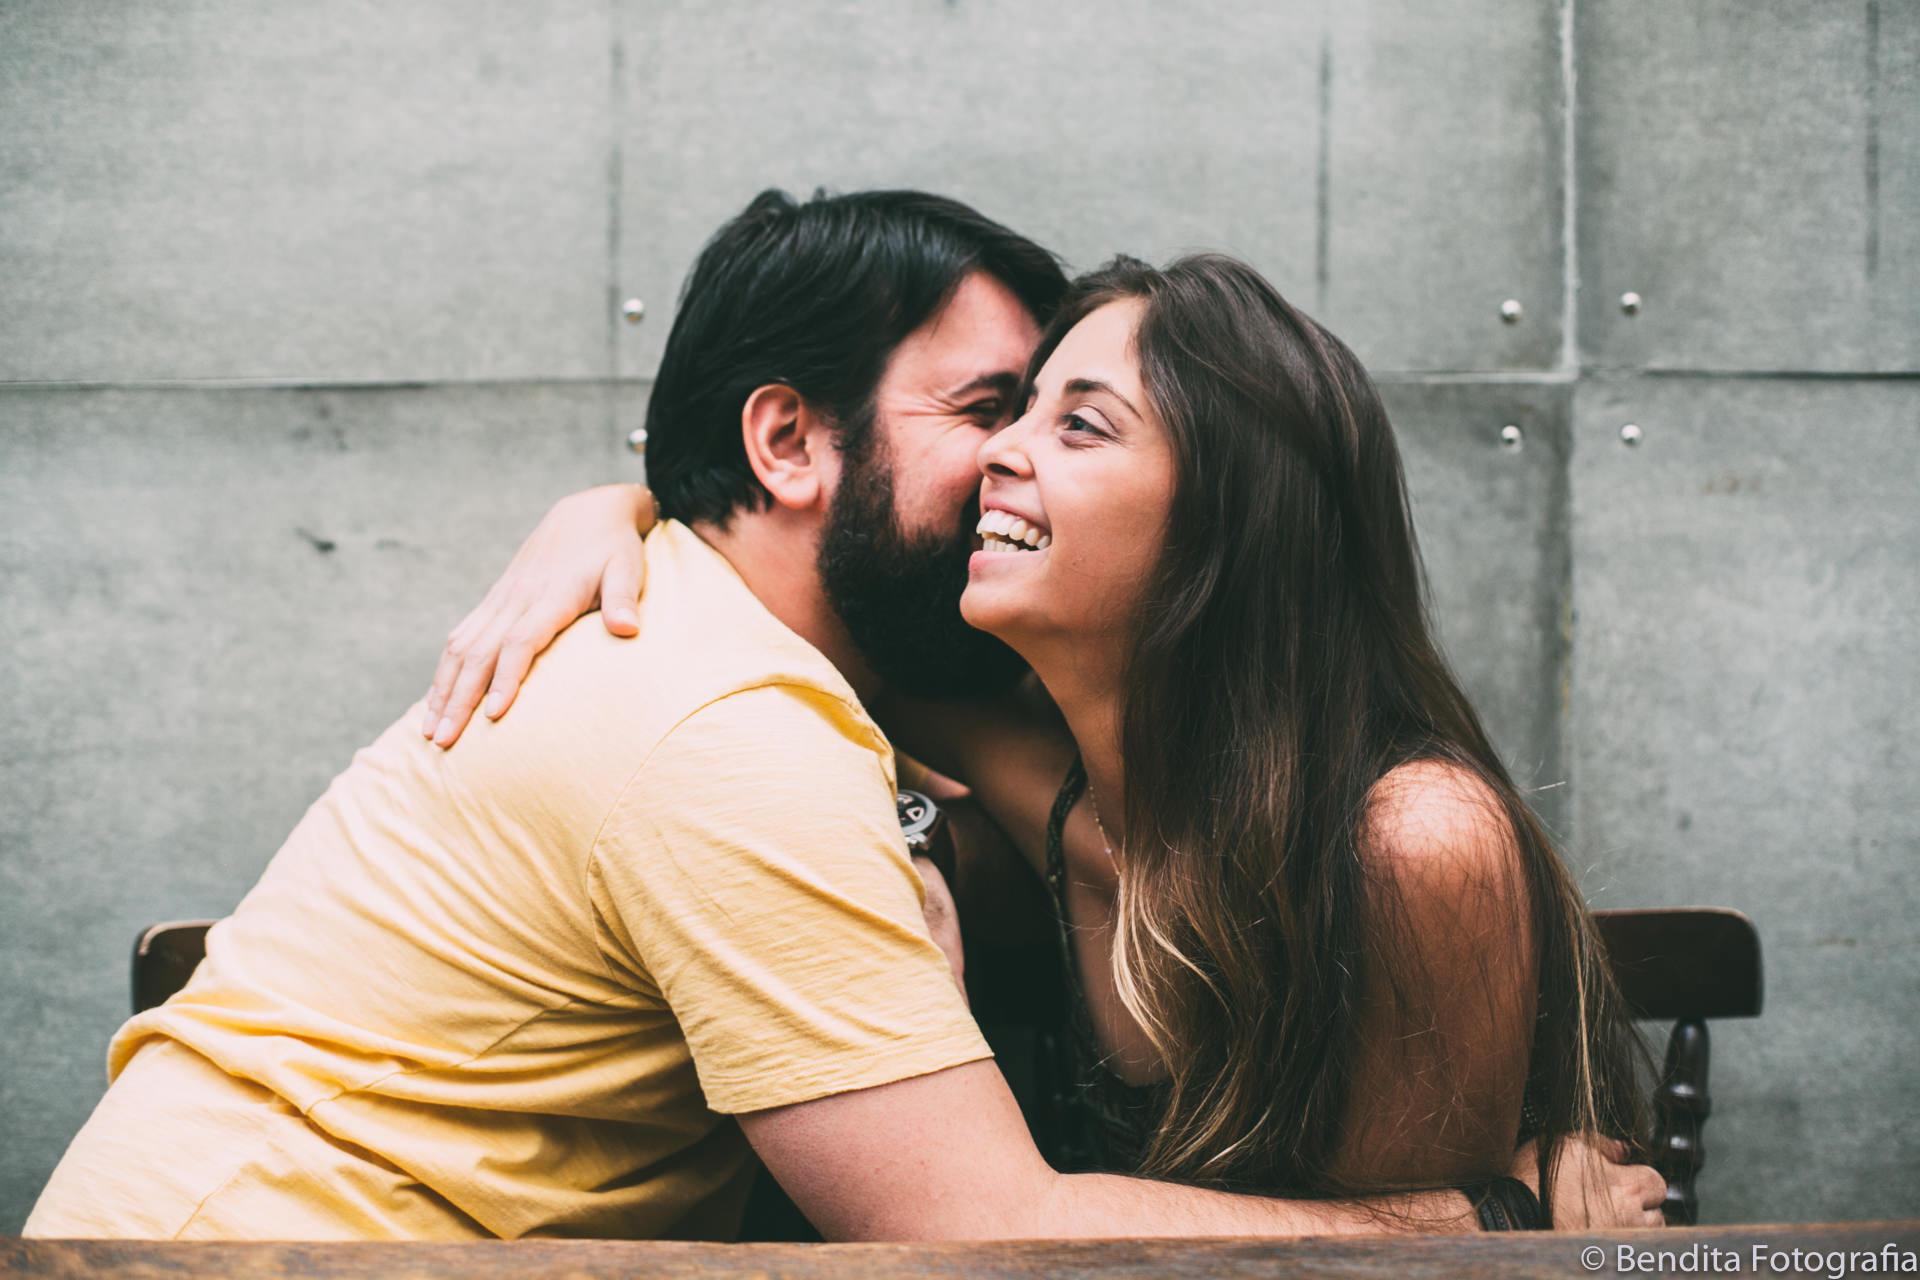 ensaio de fotos de casal, sofa cafe, bendita fotografia, nanda ferreia, ensaio de fotos, ensaio fotografico, photoshotting, ensaio de casal